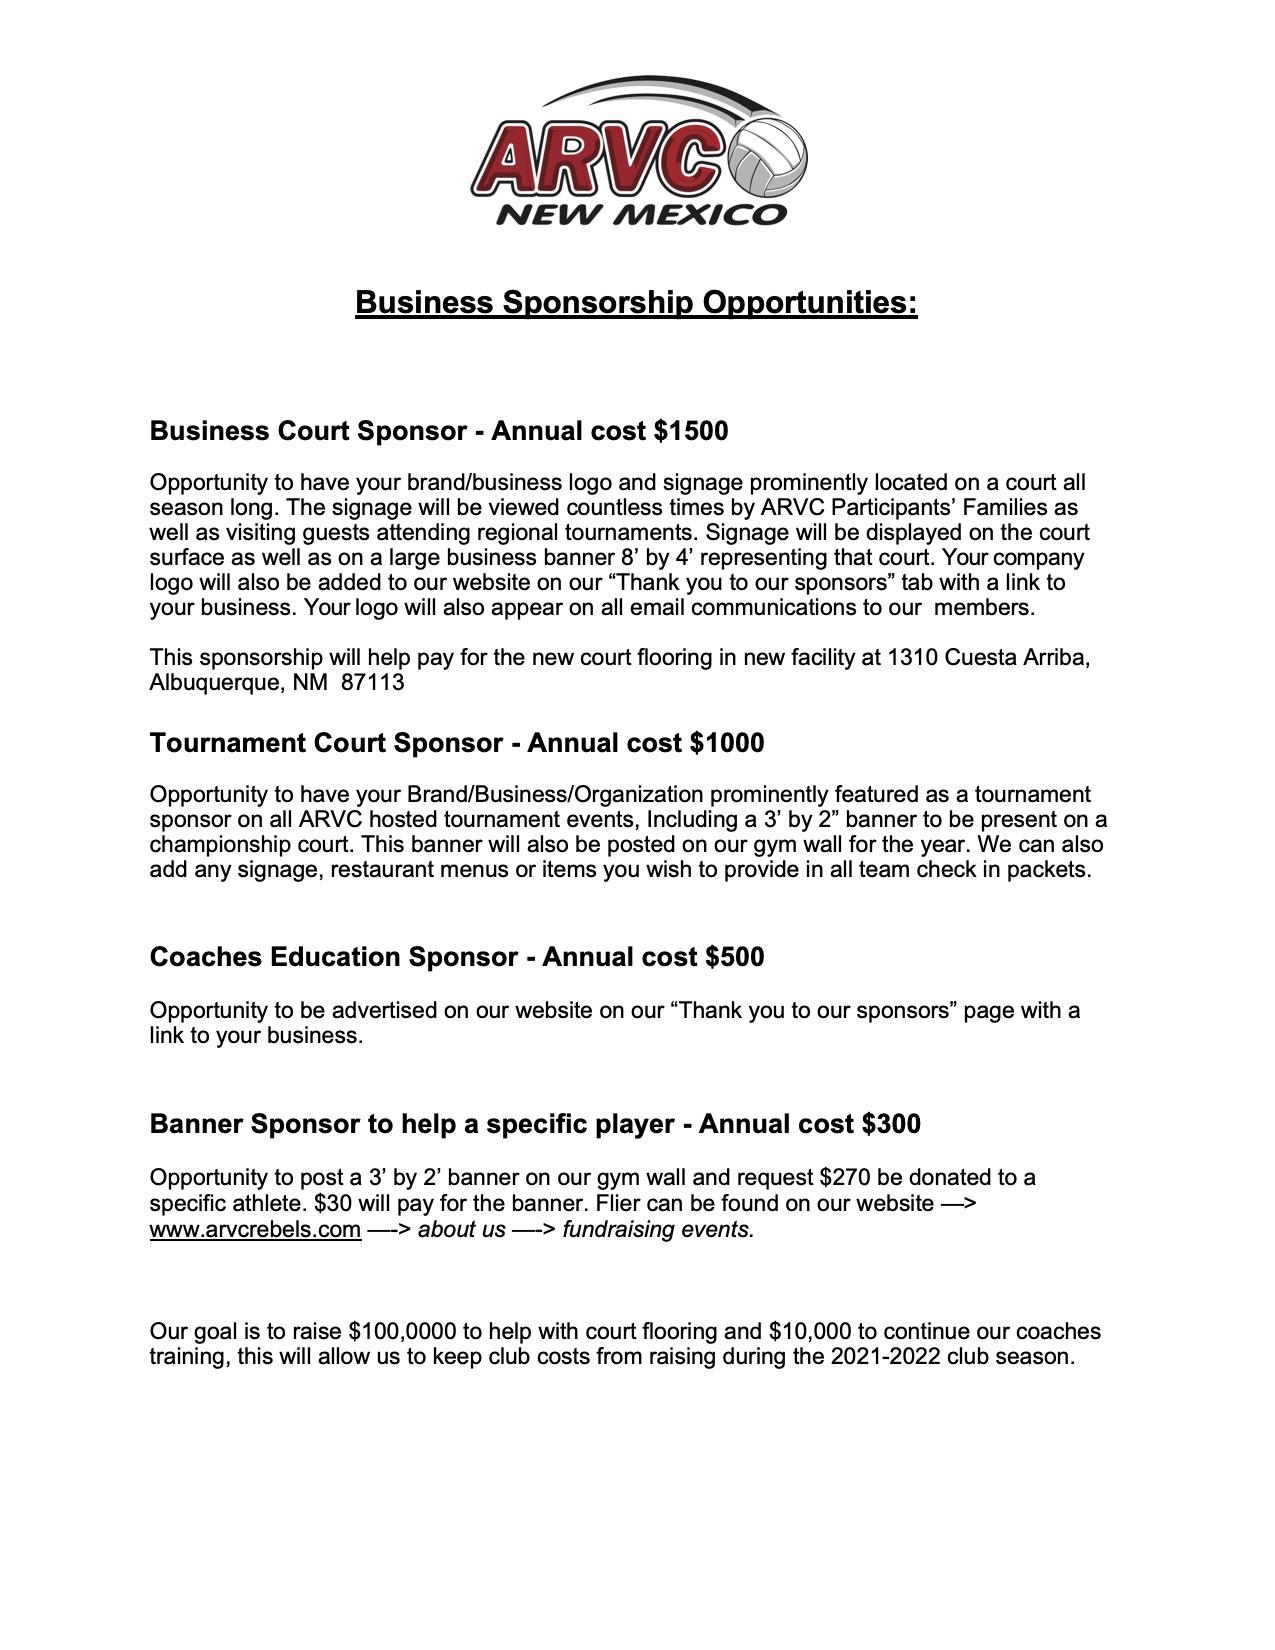 Sponsorship Opportunities 2021